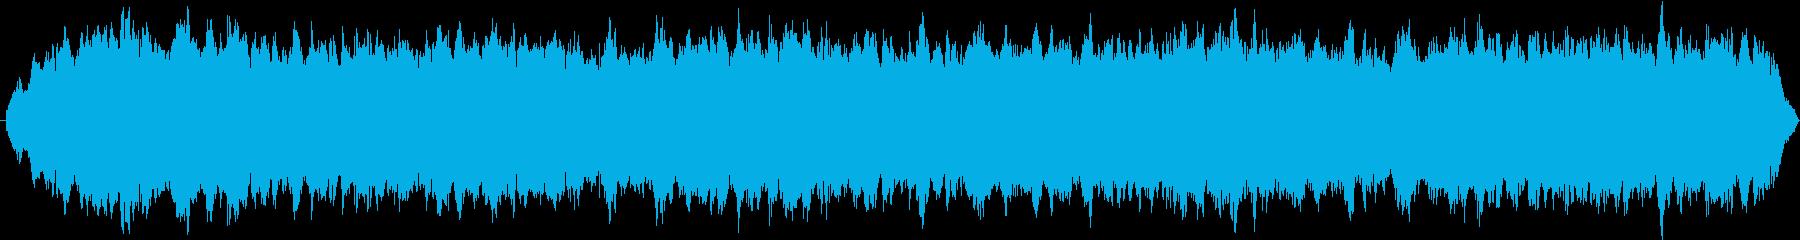 PADS リラクシングエネルギー06の再生済みの波形